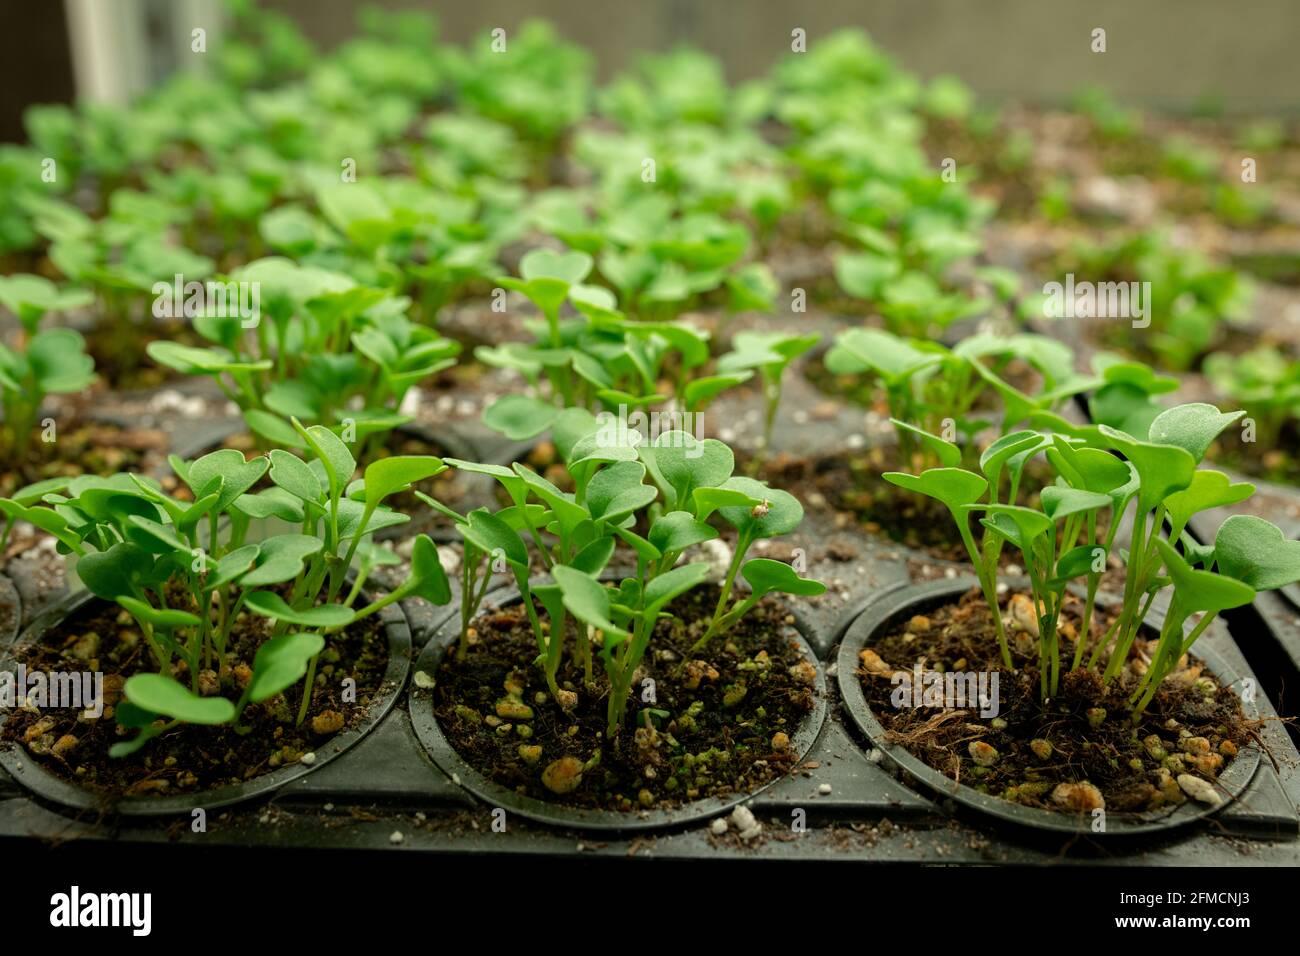 Primo piano di file di piccoli giovani pianta verdi che crescono in nero contenitori in serra Foto Stock